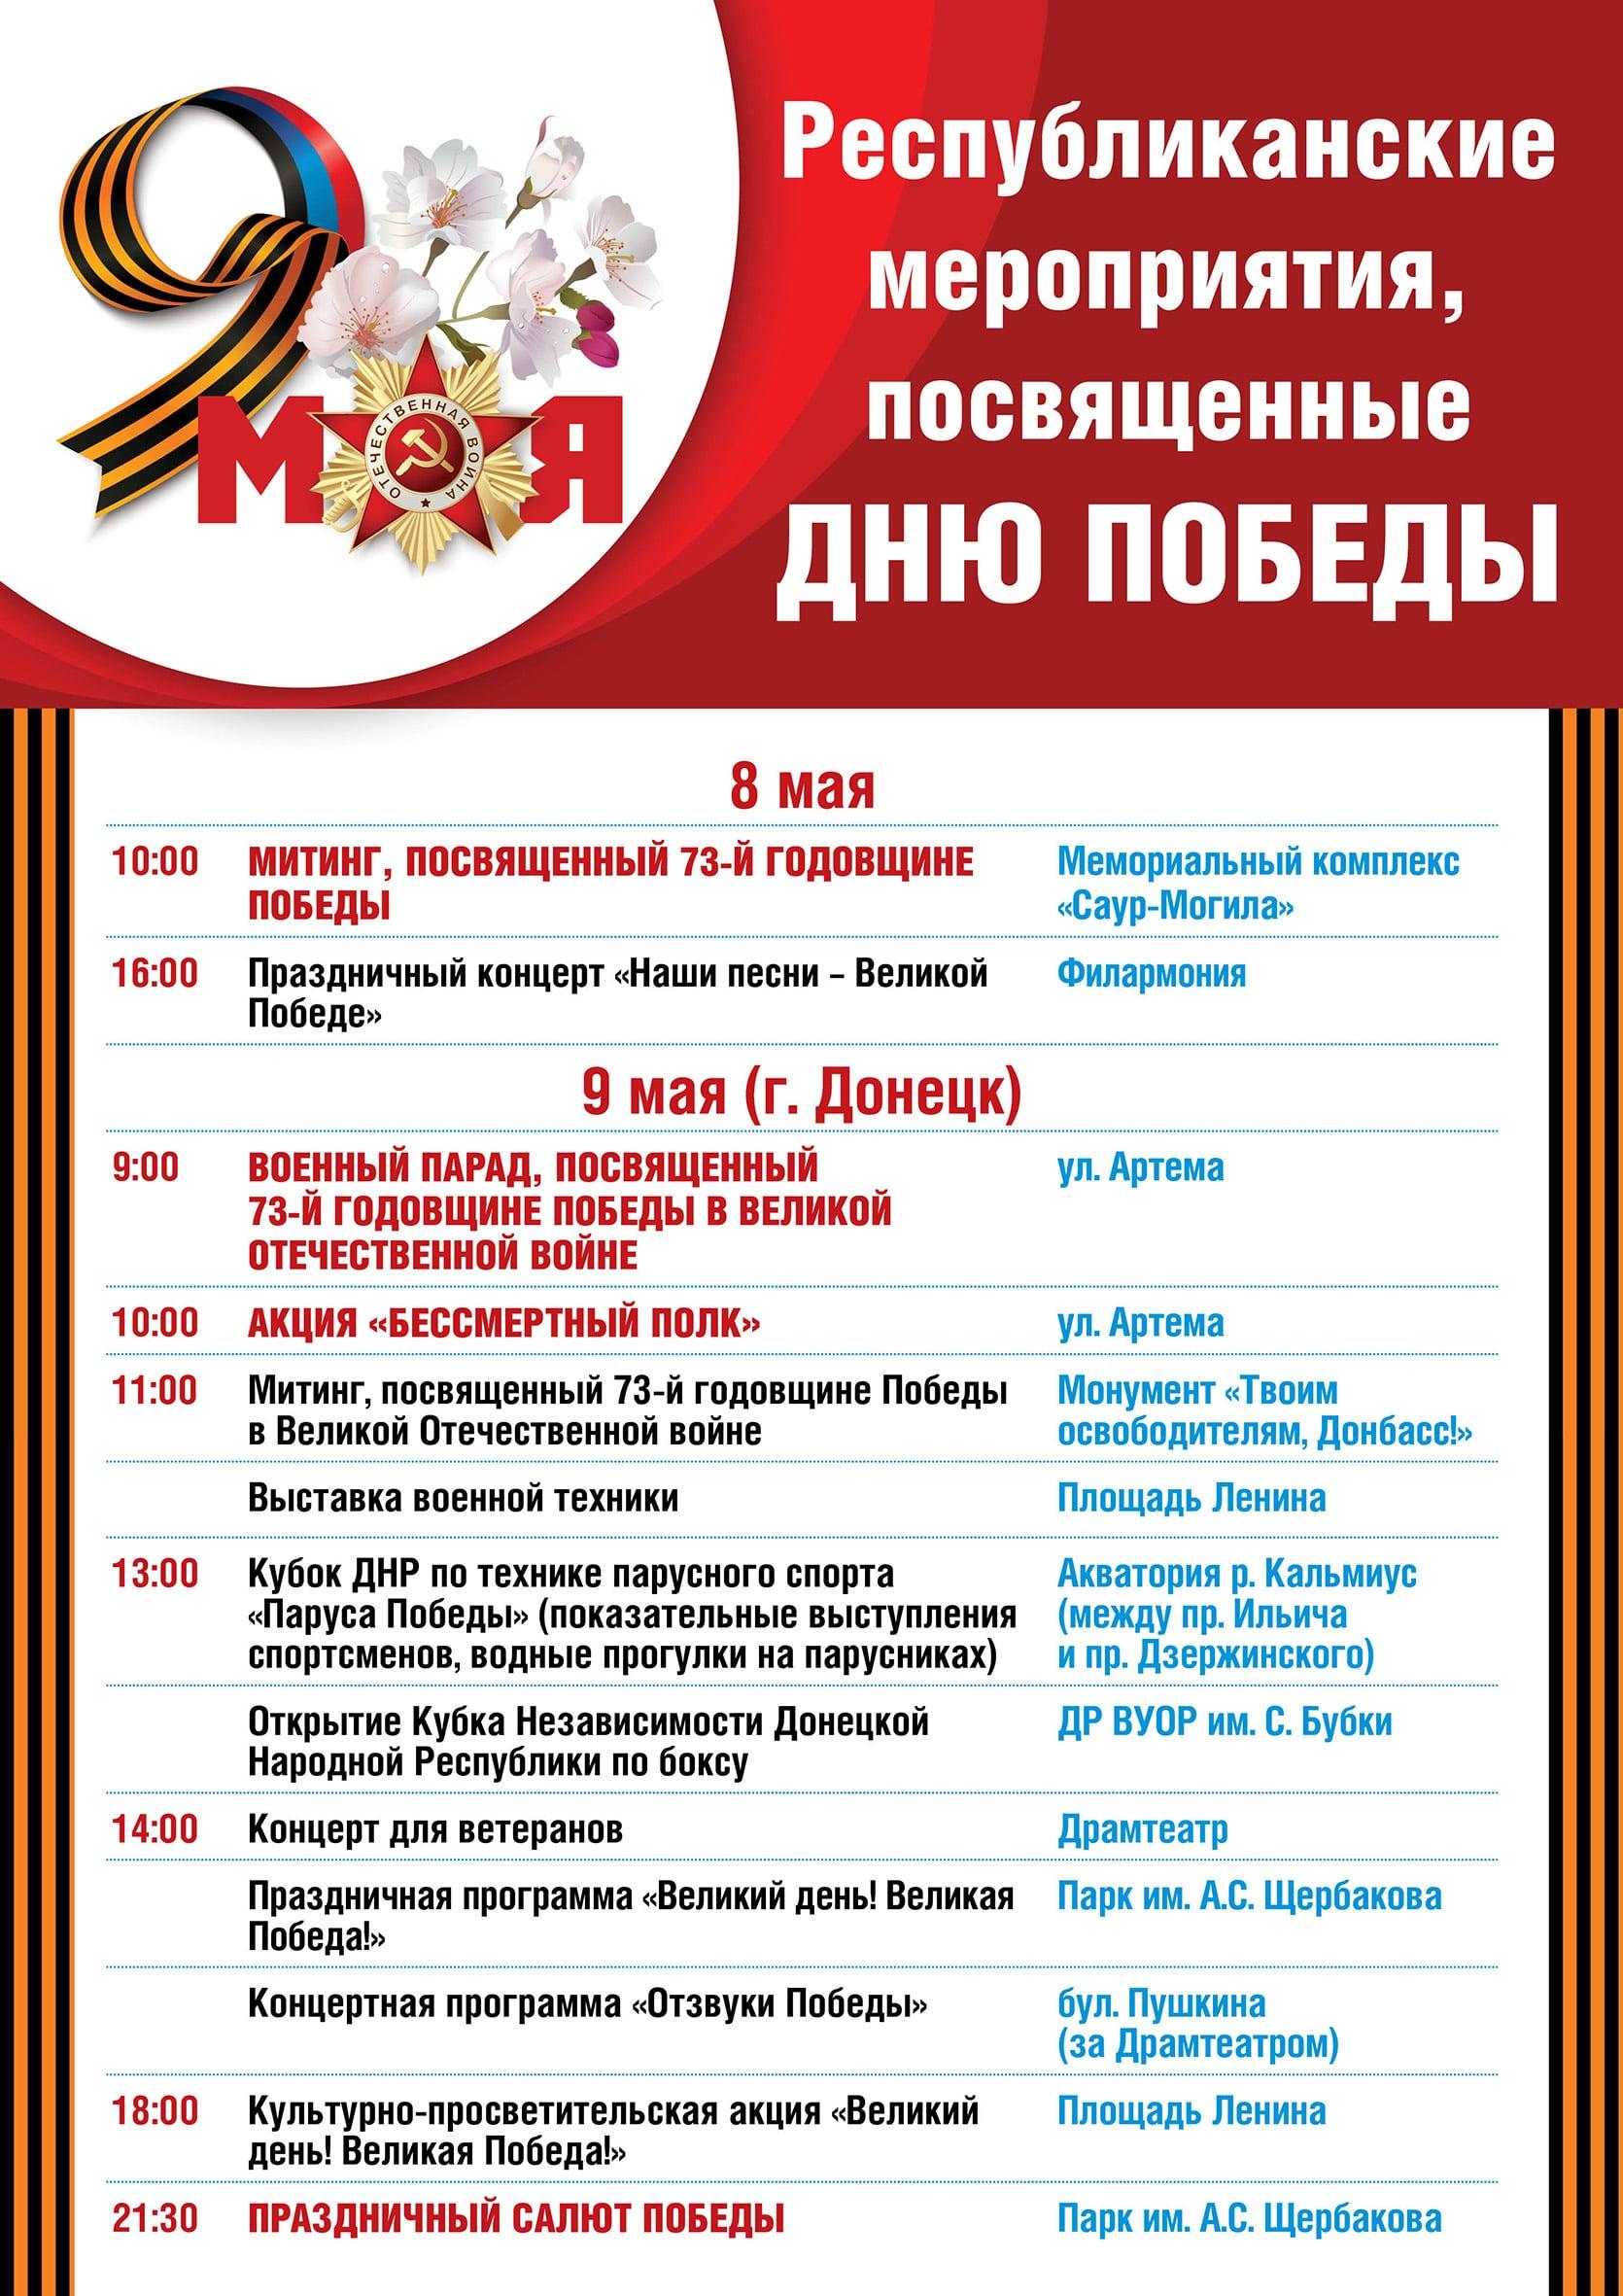 День Победы в Донецке 9 мая 2018 года – программа мероприятий, когда салют?